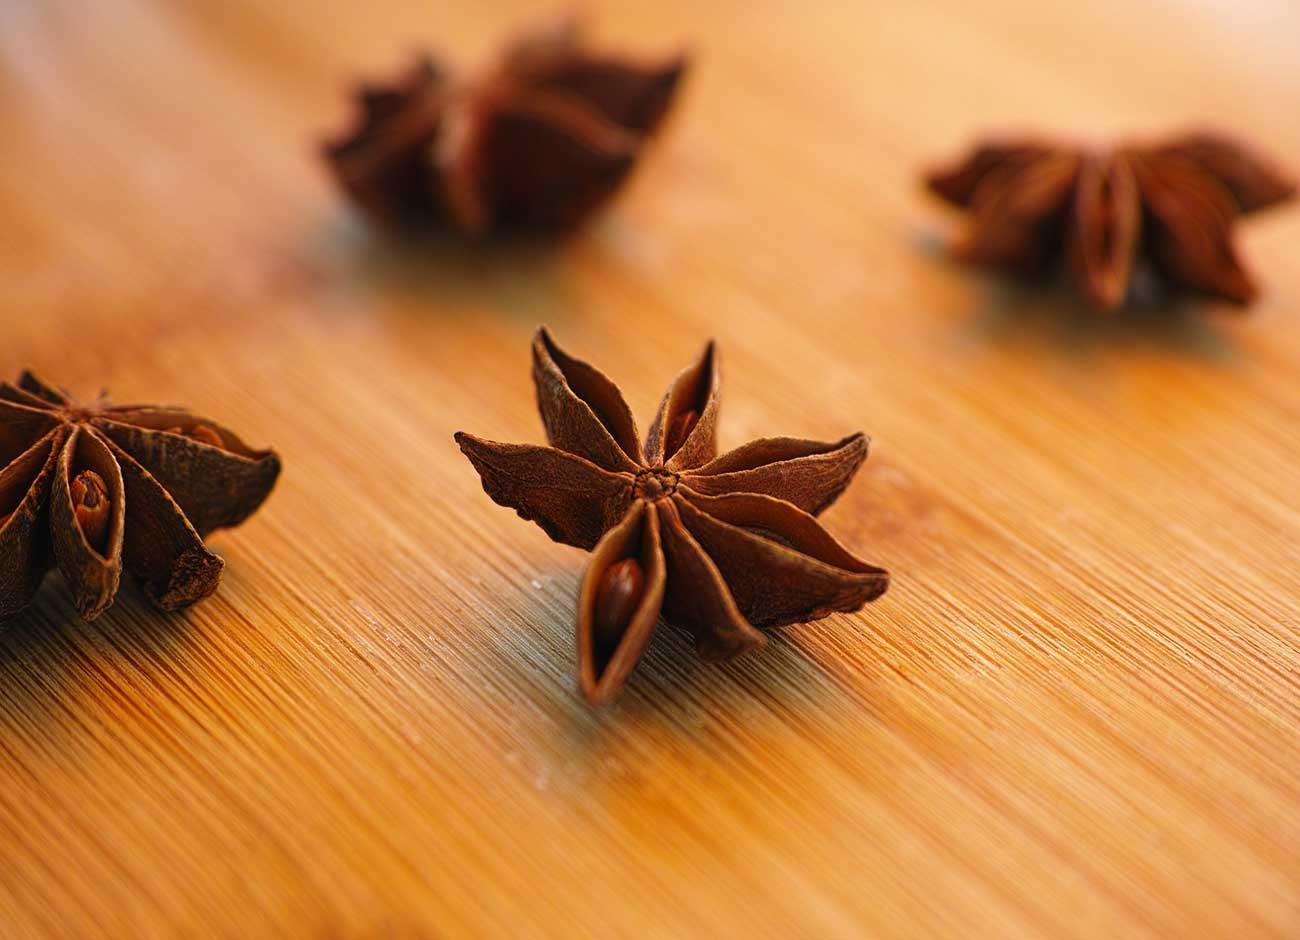 four star anise on a table